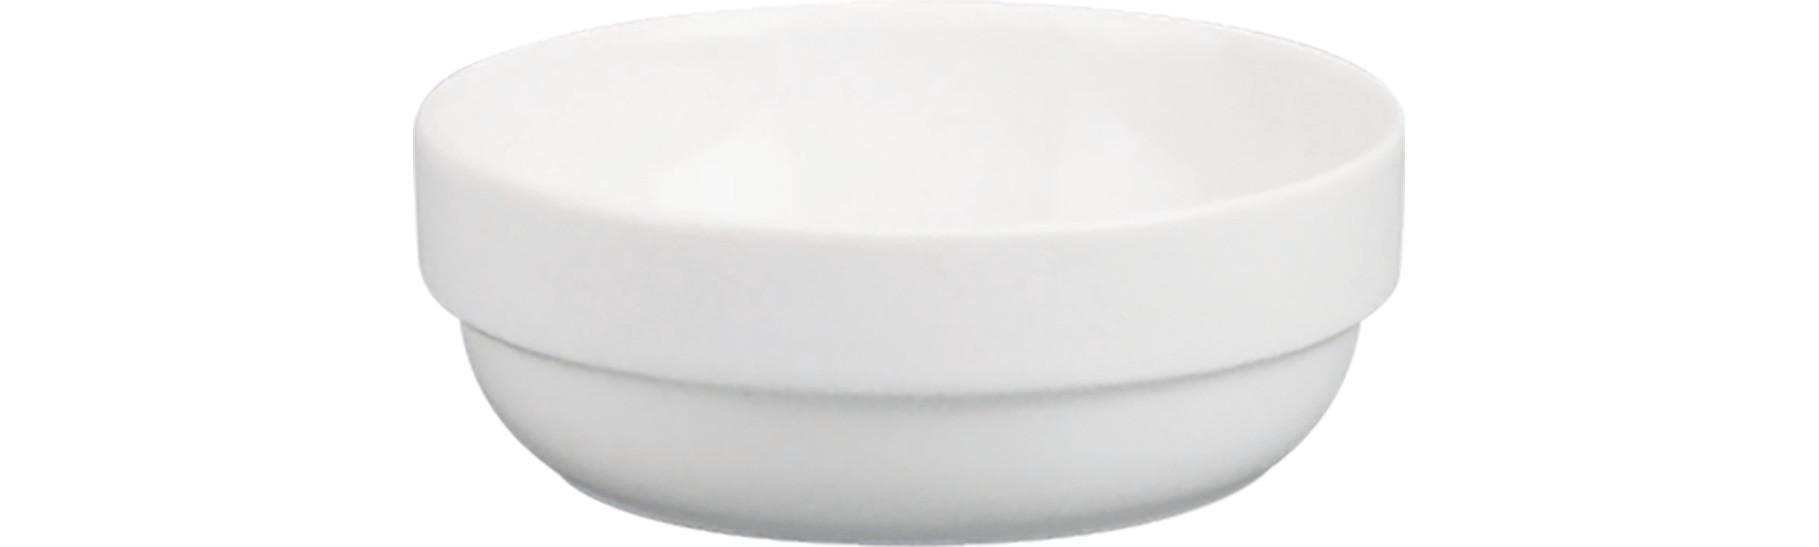 898/598, Salat rund ø 209 mm / 1,80 l Form 898